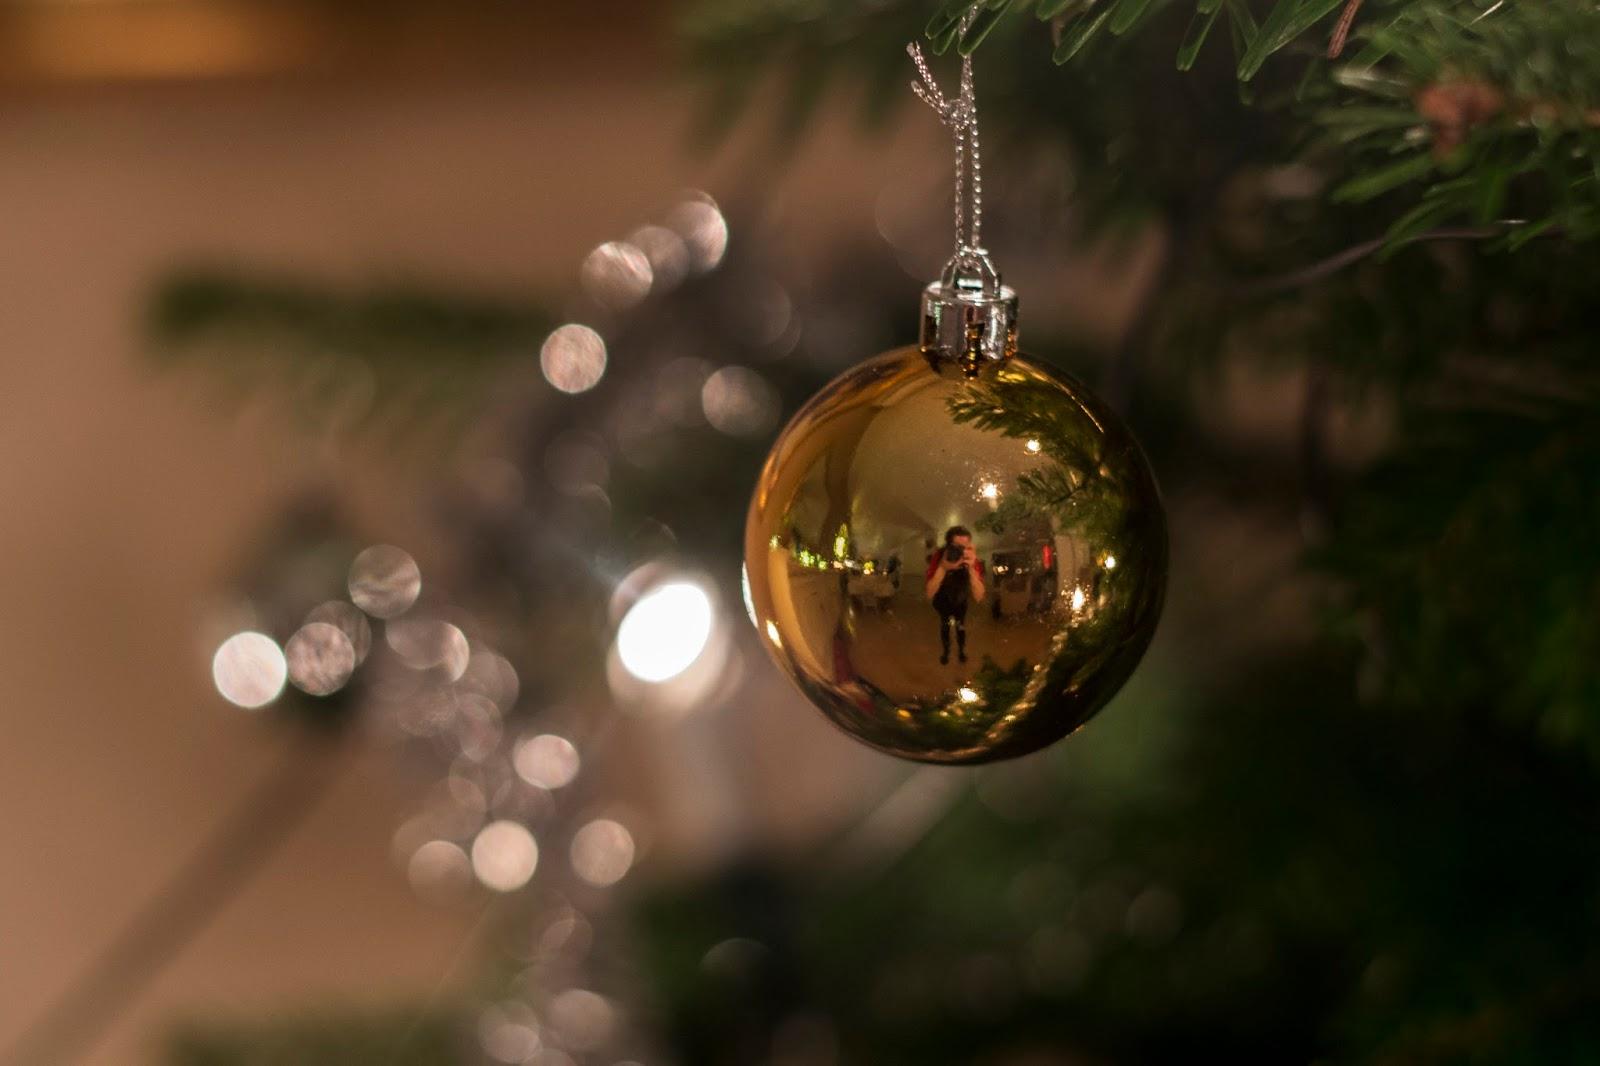 joulu on taas riemuitkaa nyt The Lennokkaat: Joulu on taas, riemuitkaa nyt joulu on taas riemuitkaa nyt